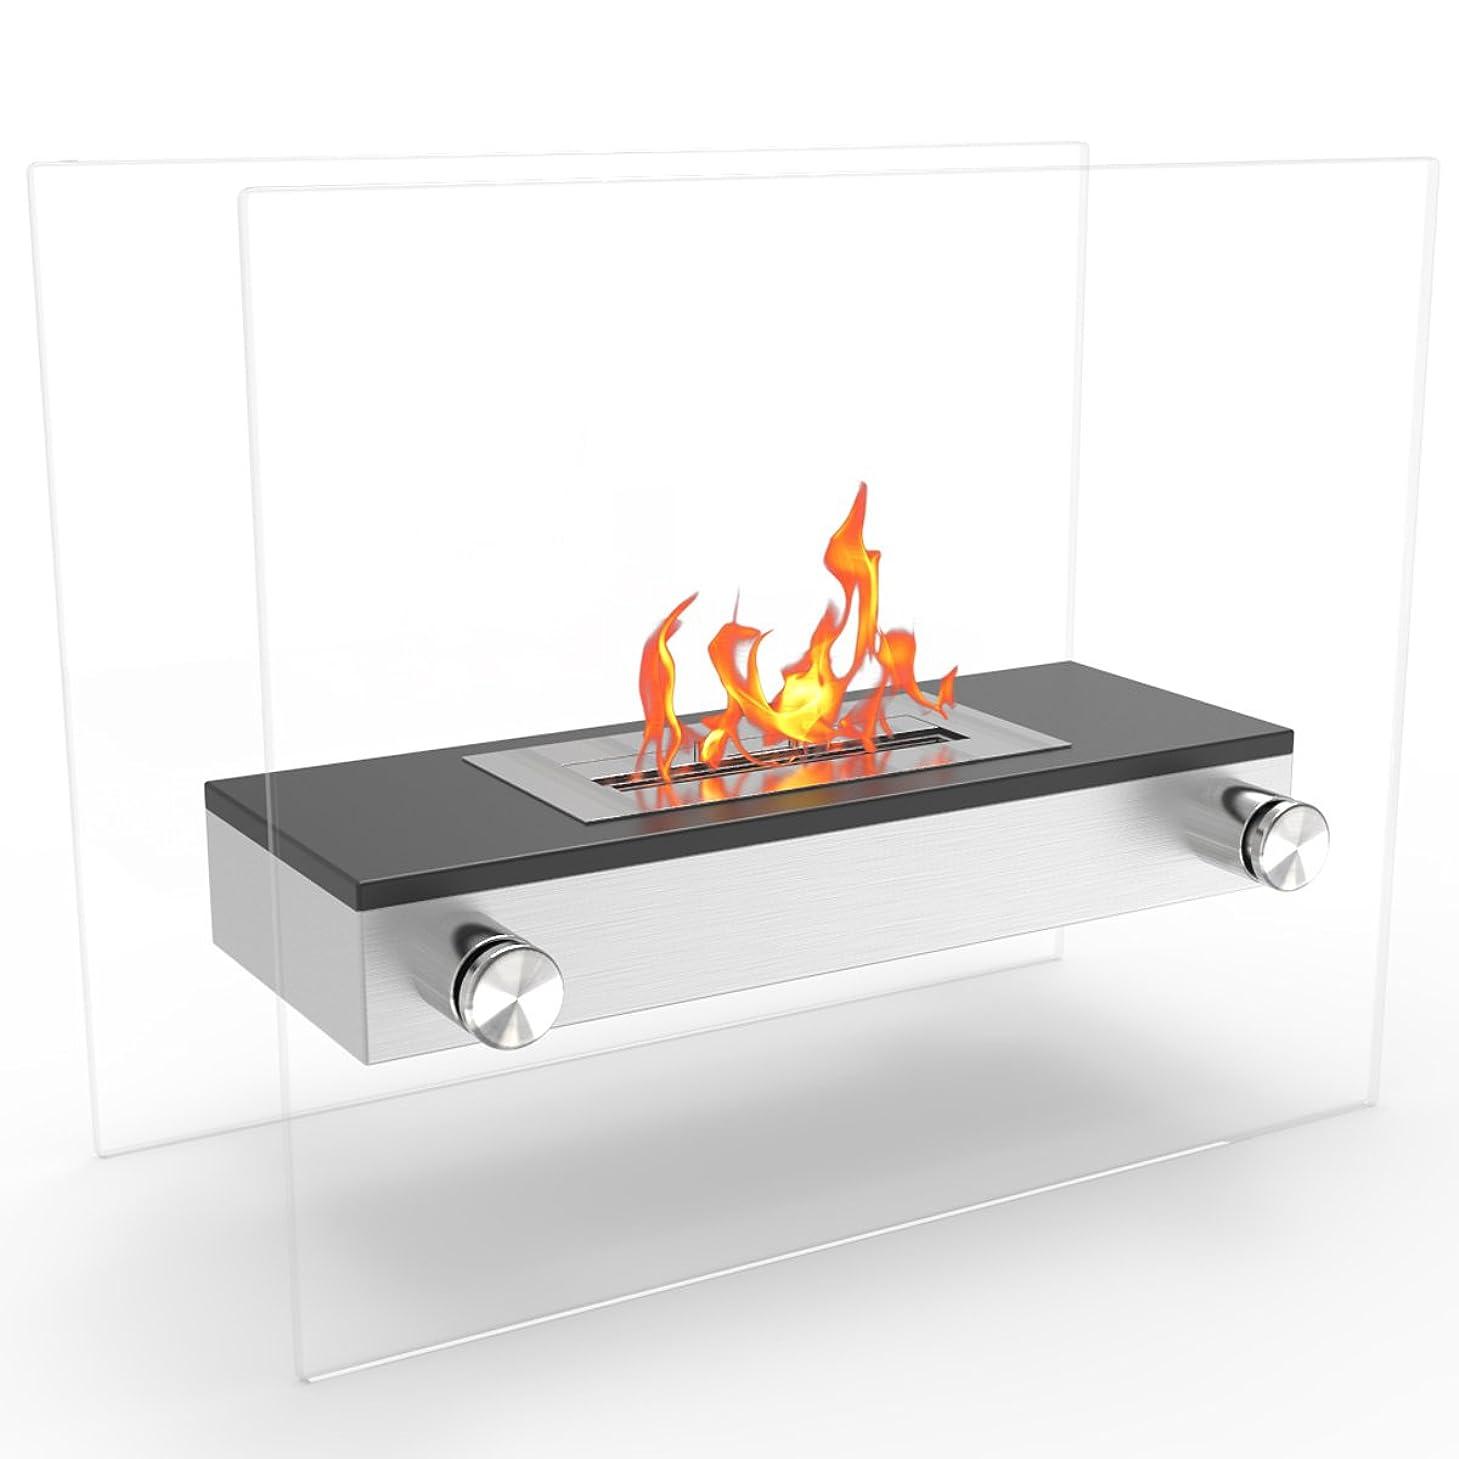 証明する溶接追い越すRegal FlameブラックAlor Ventless Free Standing Ethanol暖炉として使用できインドア、アウトドア、ガスログ挿入、Ventフリー、電気、アウトドア暖炉、プロパン、ジェル& Fire Pits。